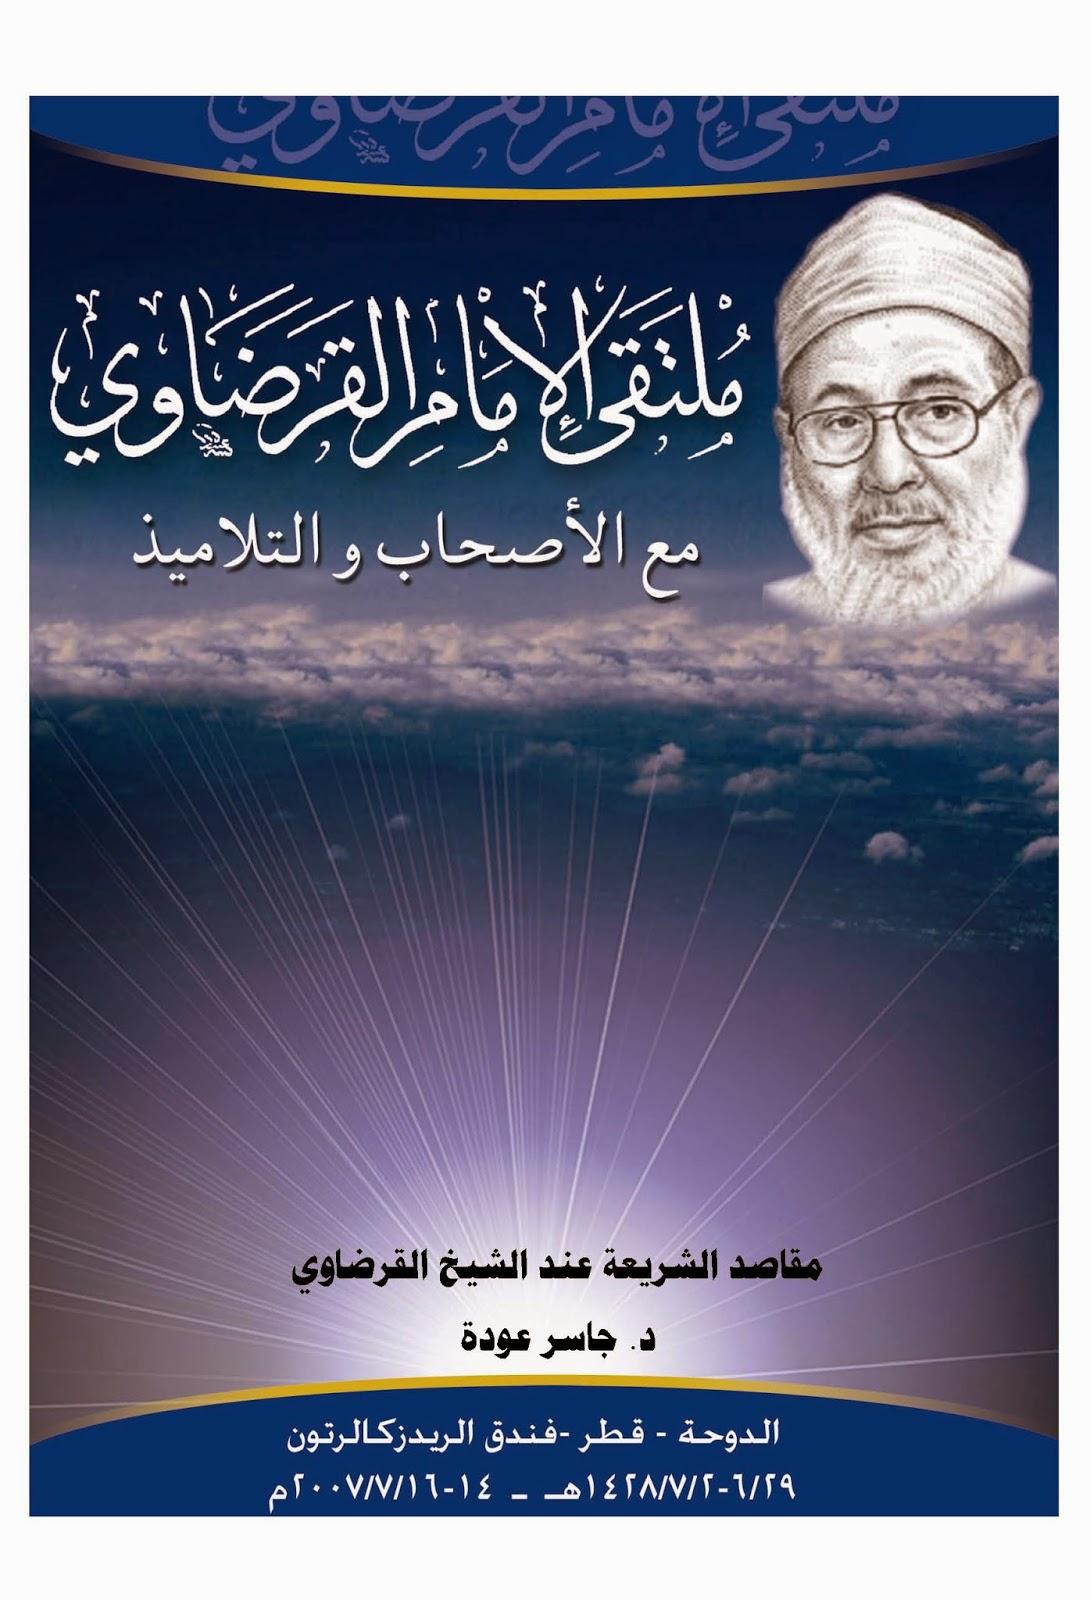 مقاصد الشريعة الإسلامية عند الشيخ القرضاوي لـ جاسر عودة